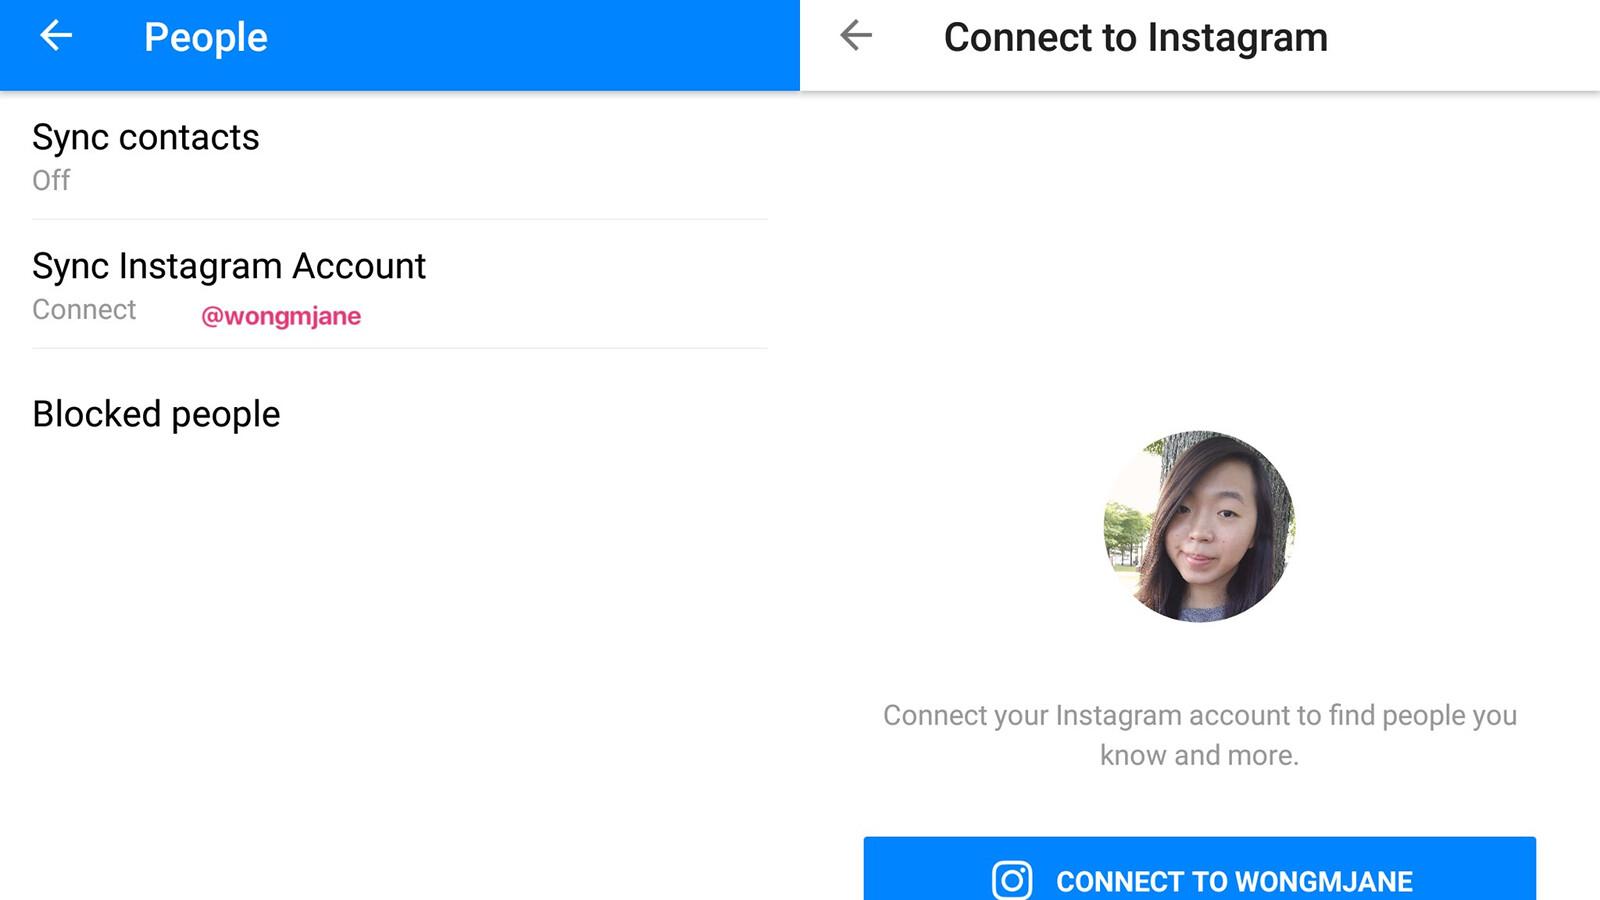 Facebook Messenger kann Benutzern in Kürze erlauben, ihre Instagram-Konten